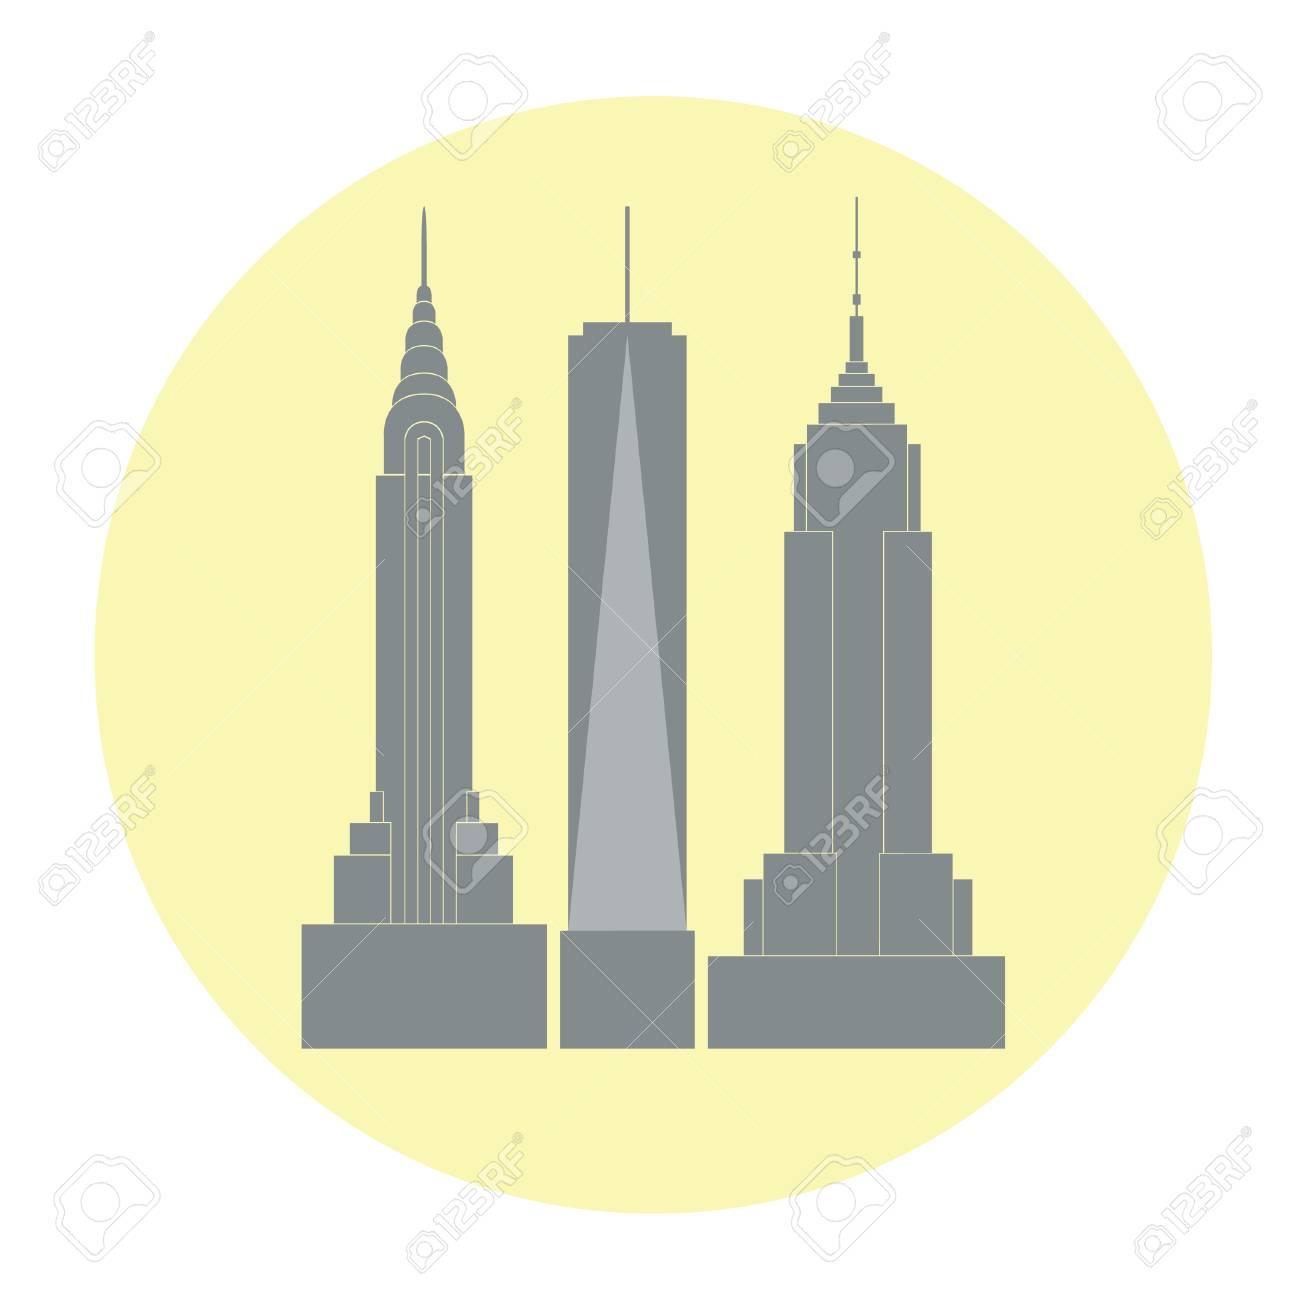 brancher New York Citydatant d'un homme âgé de 26 ans